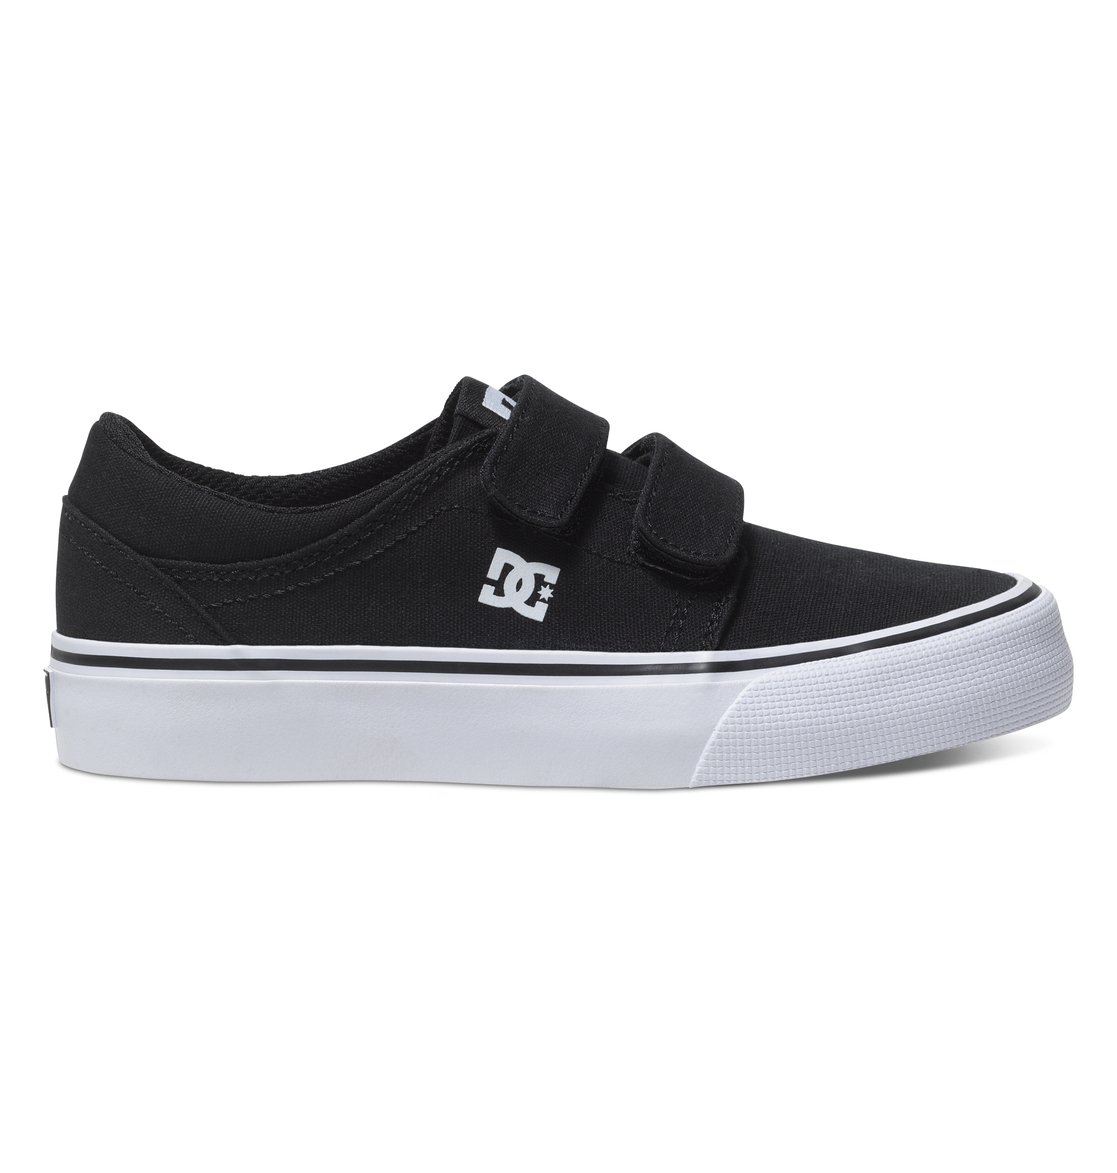 Здесь можно купить   Trase V - Low-Top Shoes Обувь